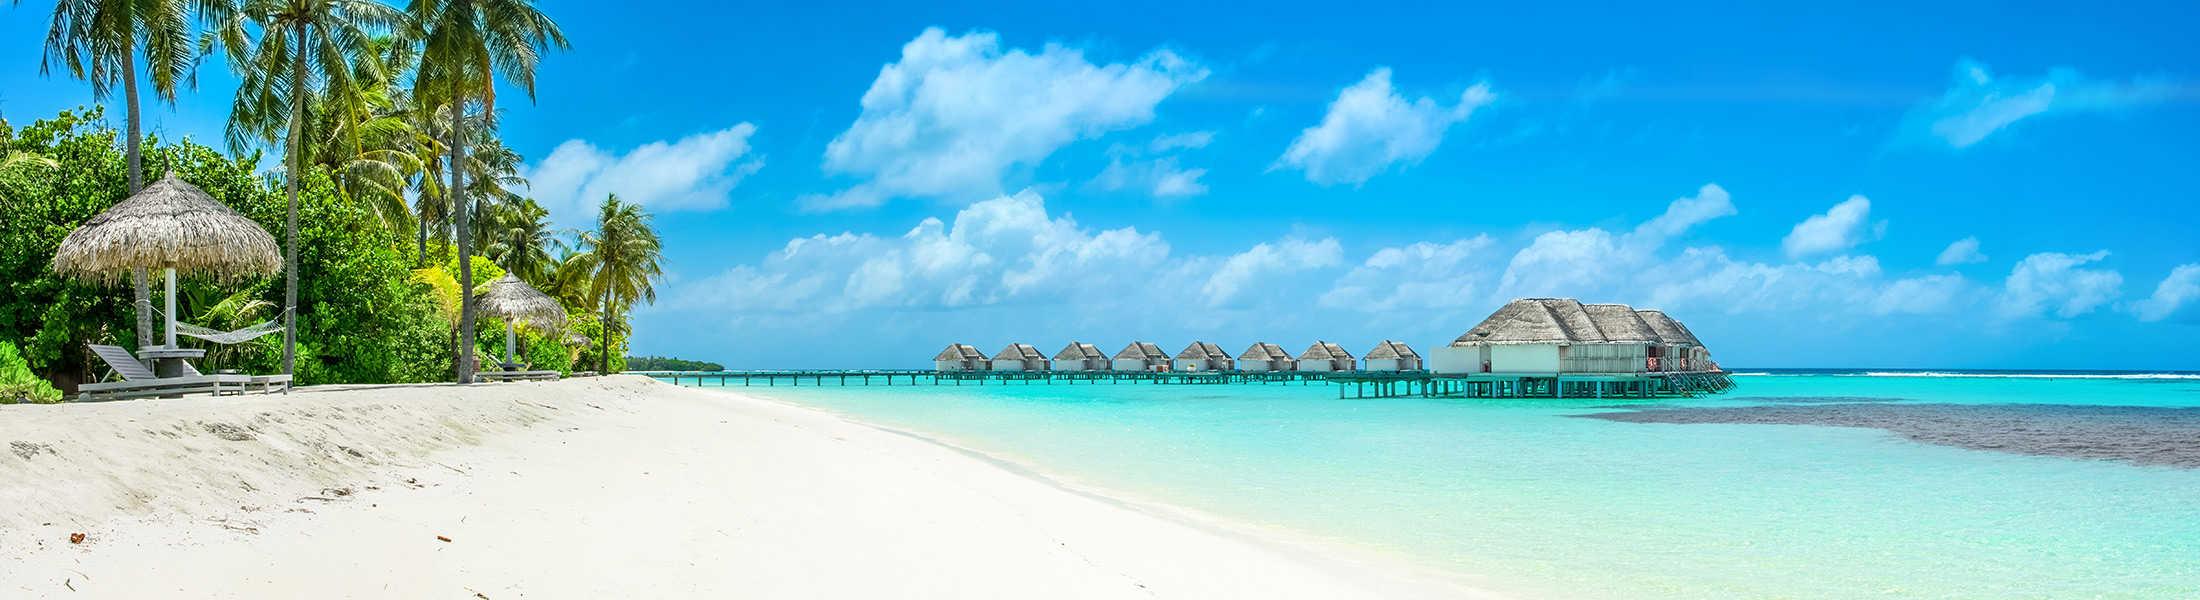 Overwater villas in the Maldives on a Dubai & Maldives Twin-centre